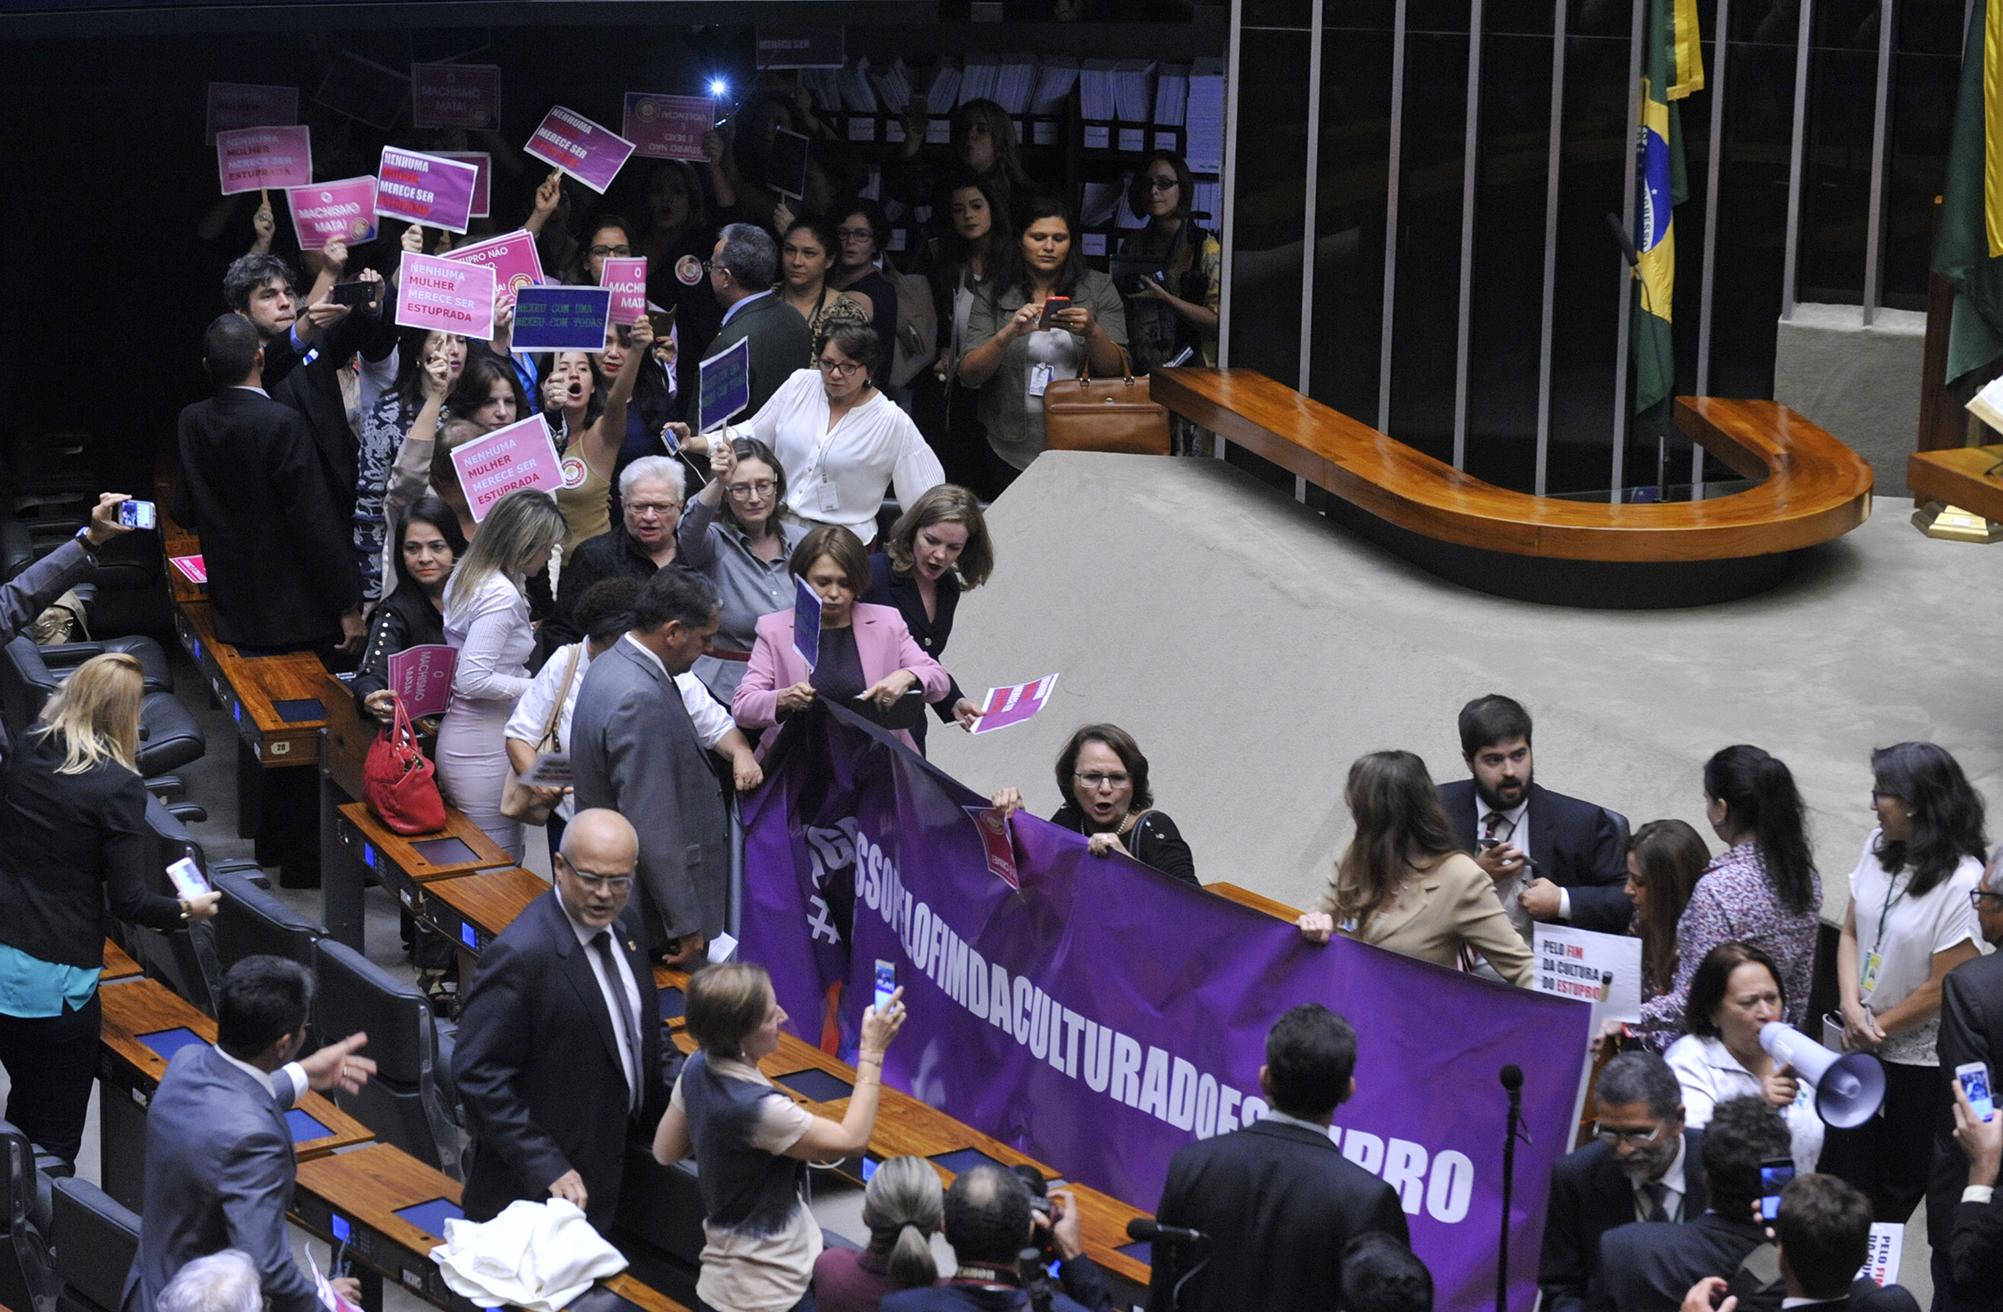 Deputadas e Senadoras invadem o plenário para protestar pelo fim da Cultura do estupro